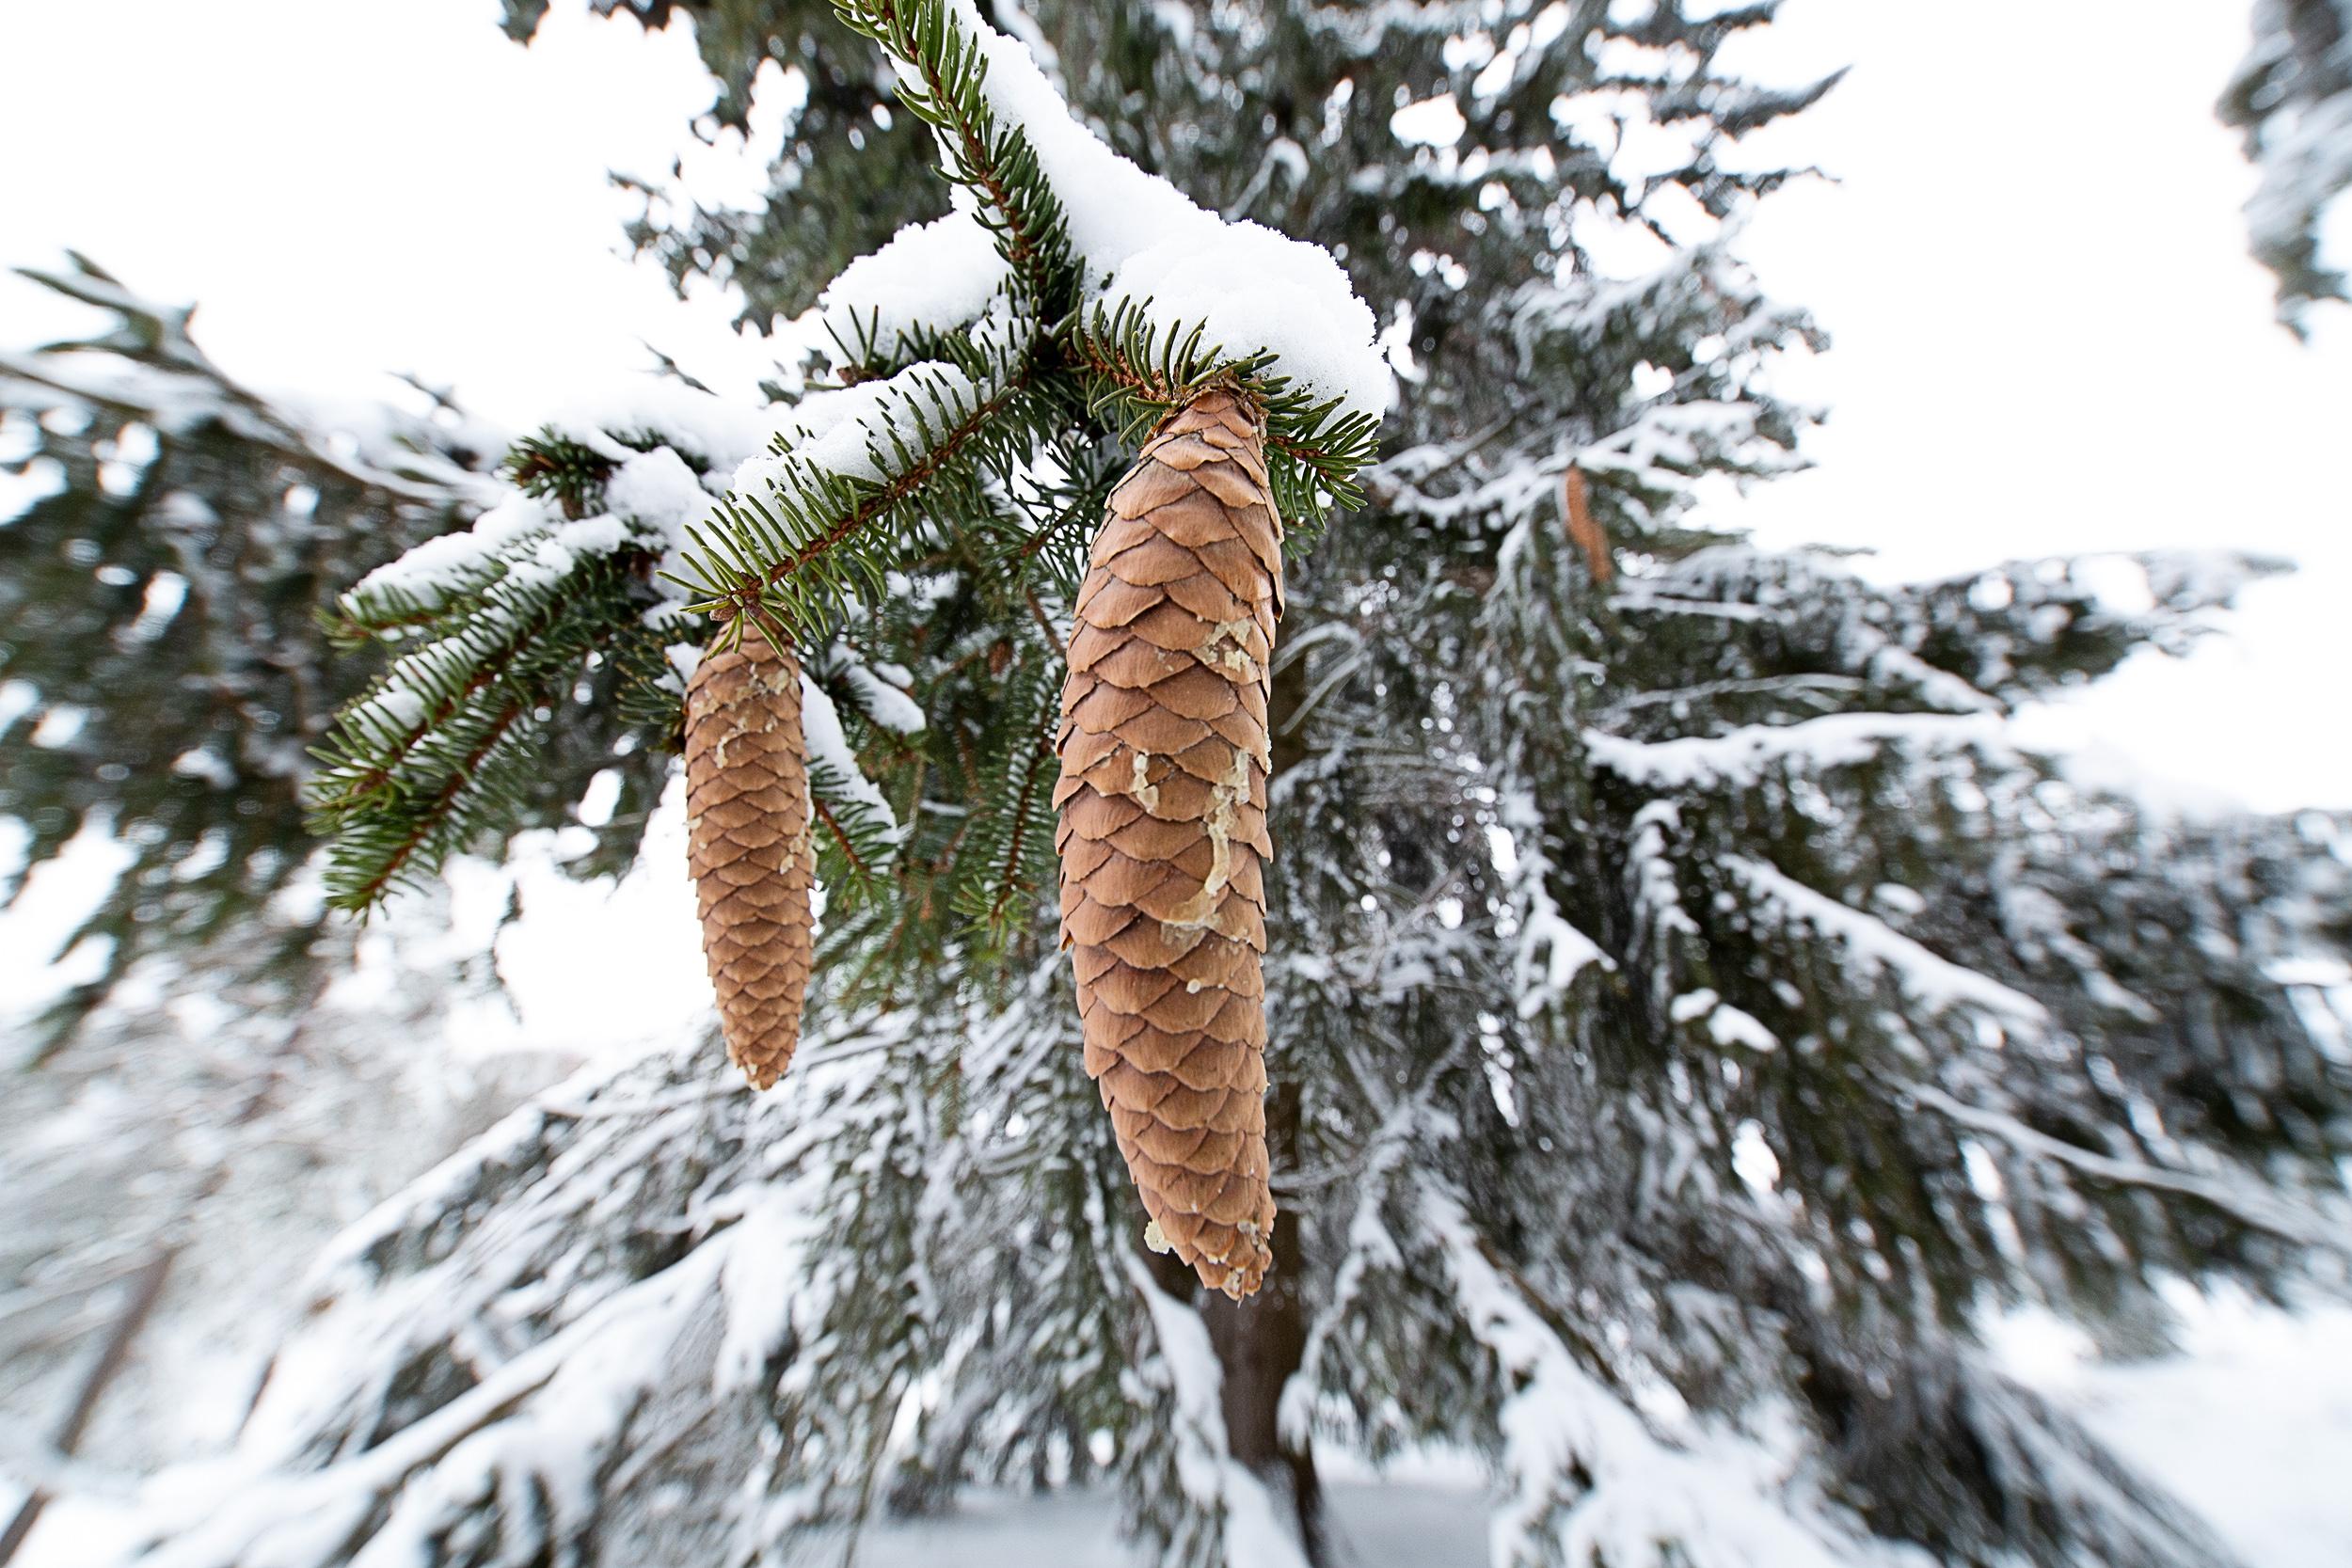 Verschneiter Tannenzapfen am Baum auf der Schwäbischen Alb.